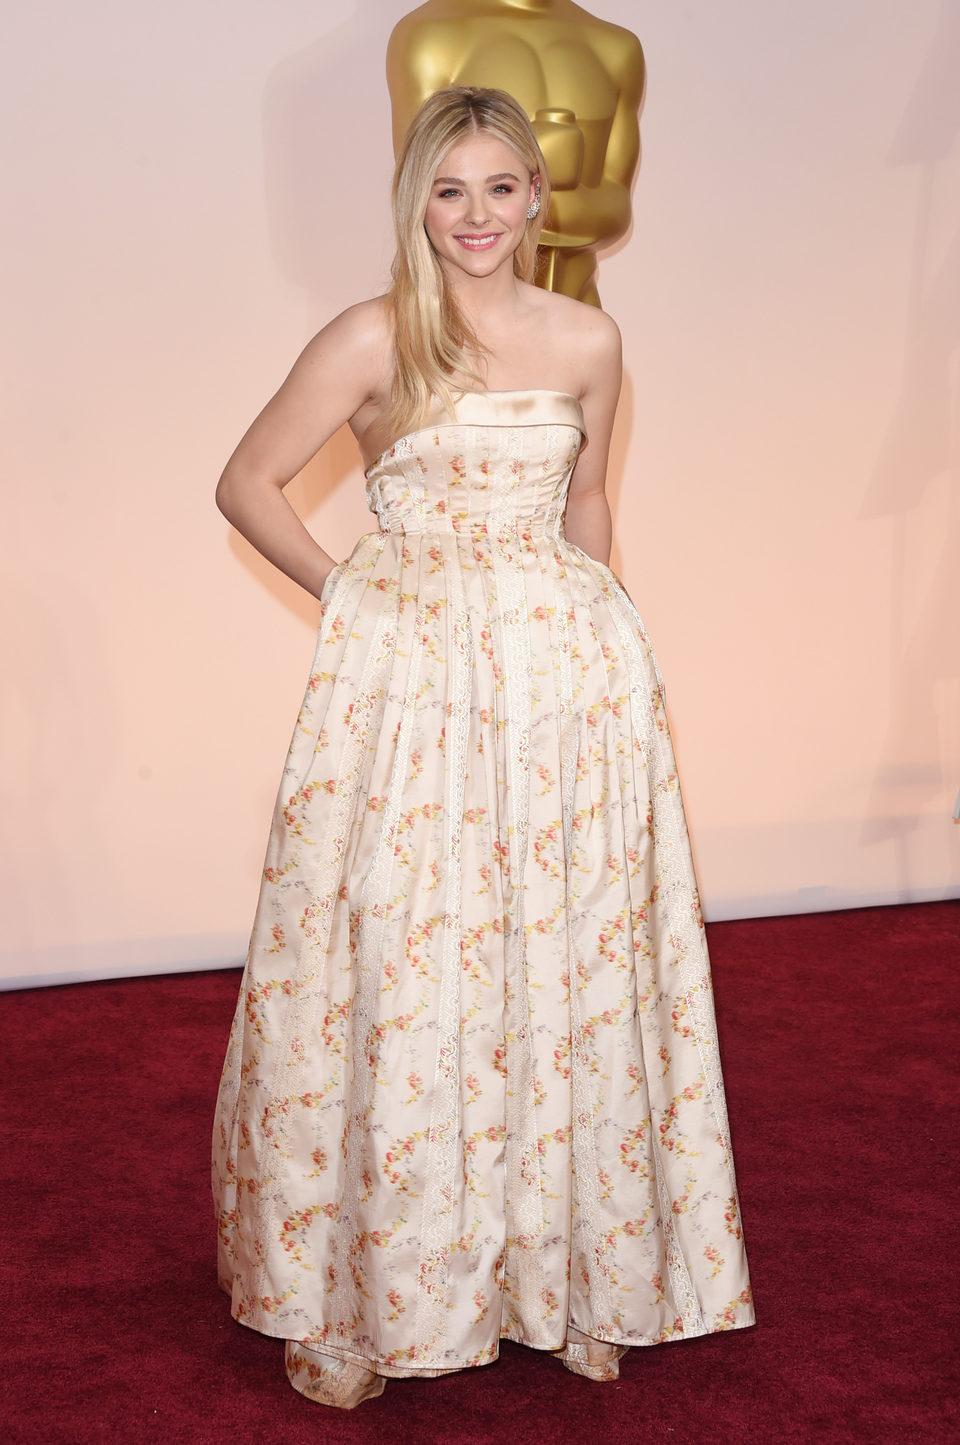 Chloë Grace Moretz en la alfombra roja de los premios Oscar 2015